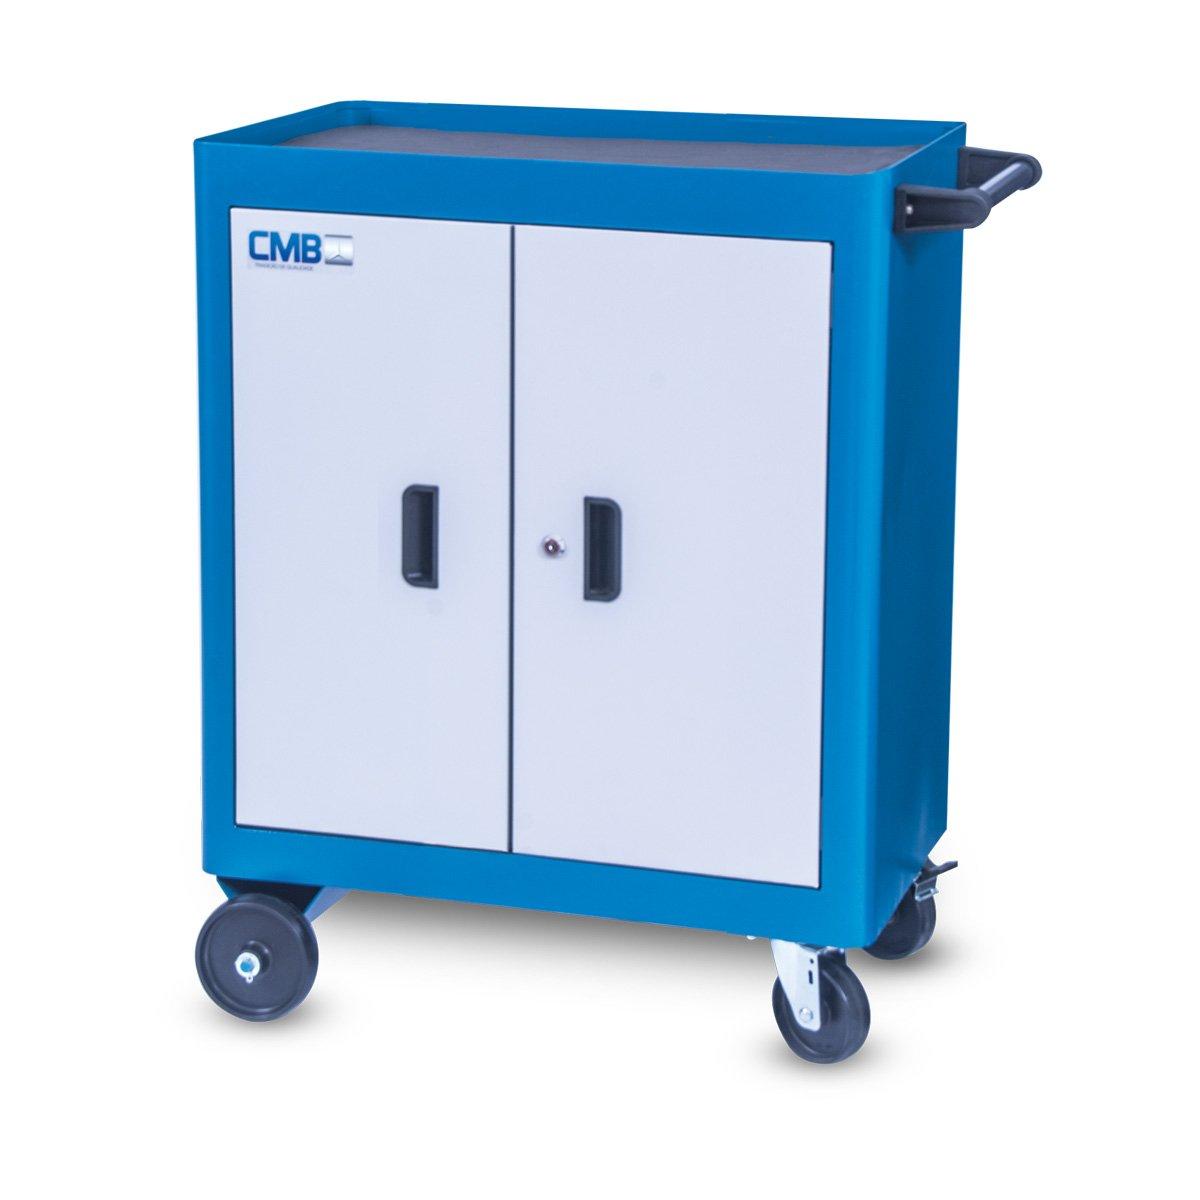 CMB-618-carrinho-para-ferramentas-com-1-bandeja-1-prateleira-2-portas